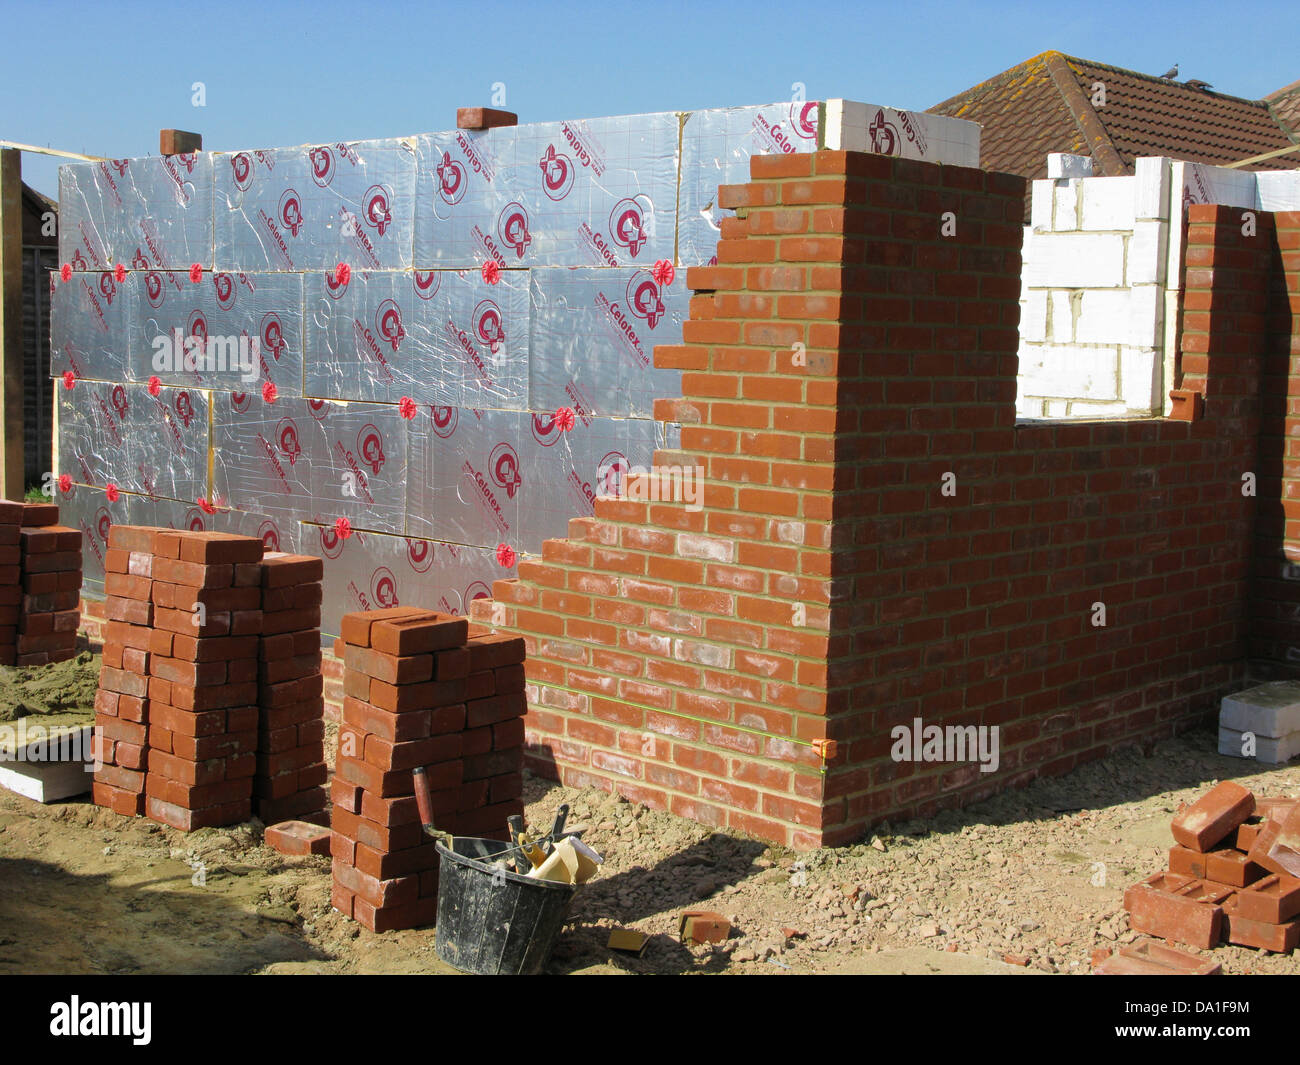 Aislamiento termico de paredes free cool presupuesto reforma integral energtica instalacin - Aislamiento termico paredes precio ...